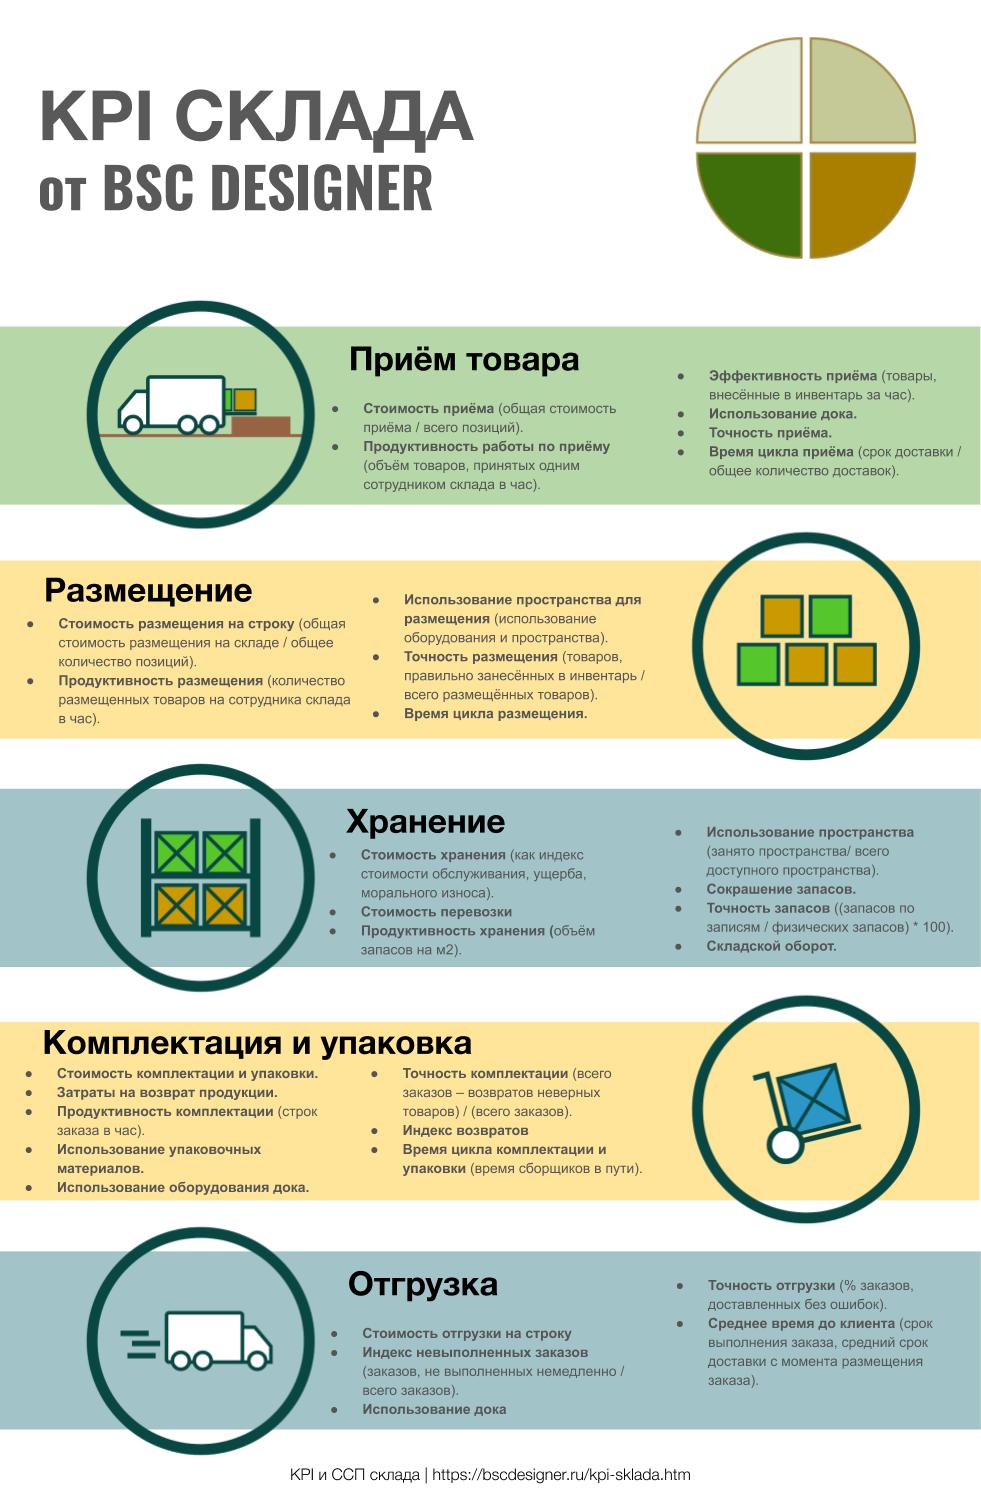 Инфографика KPI склада